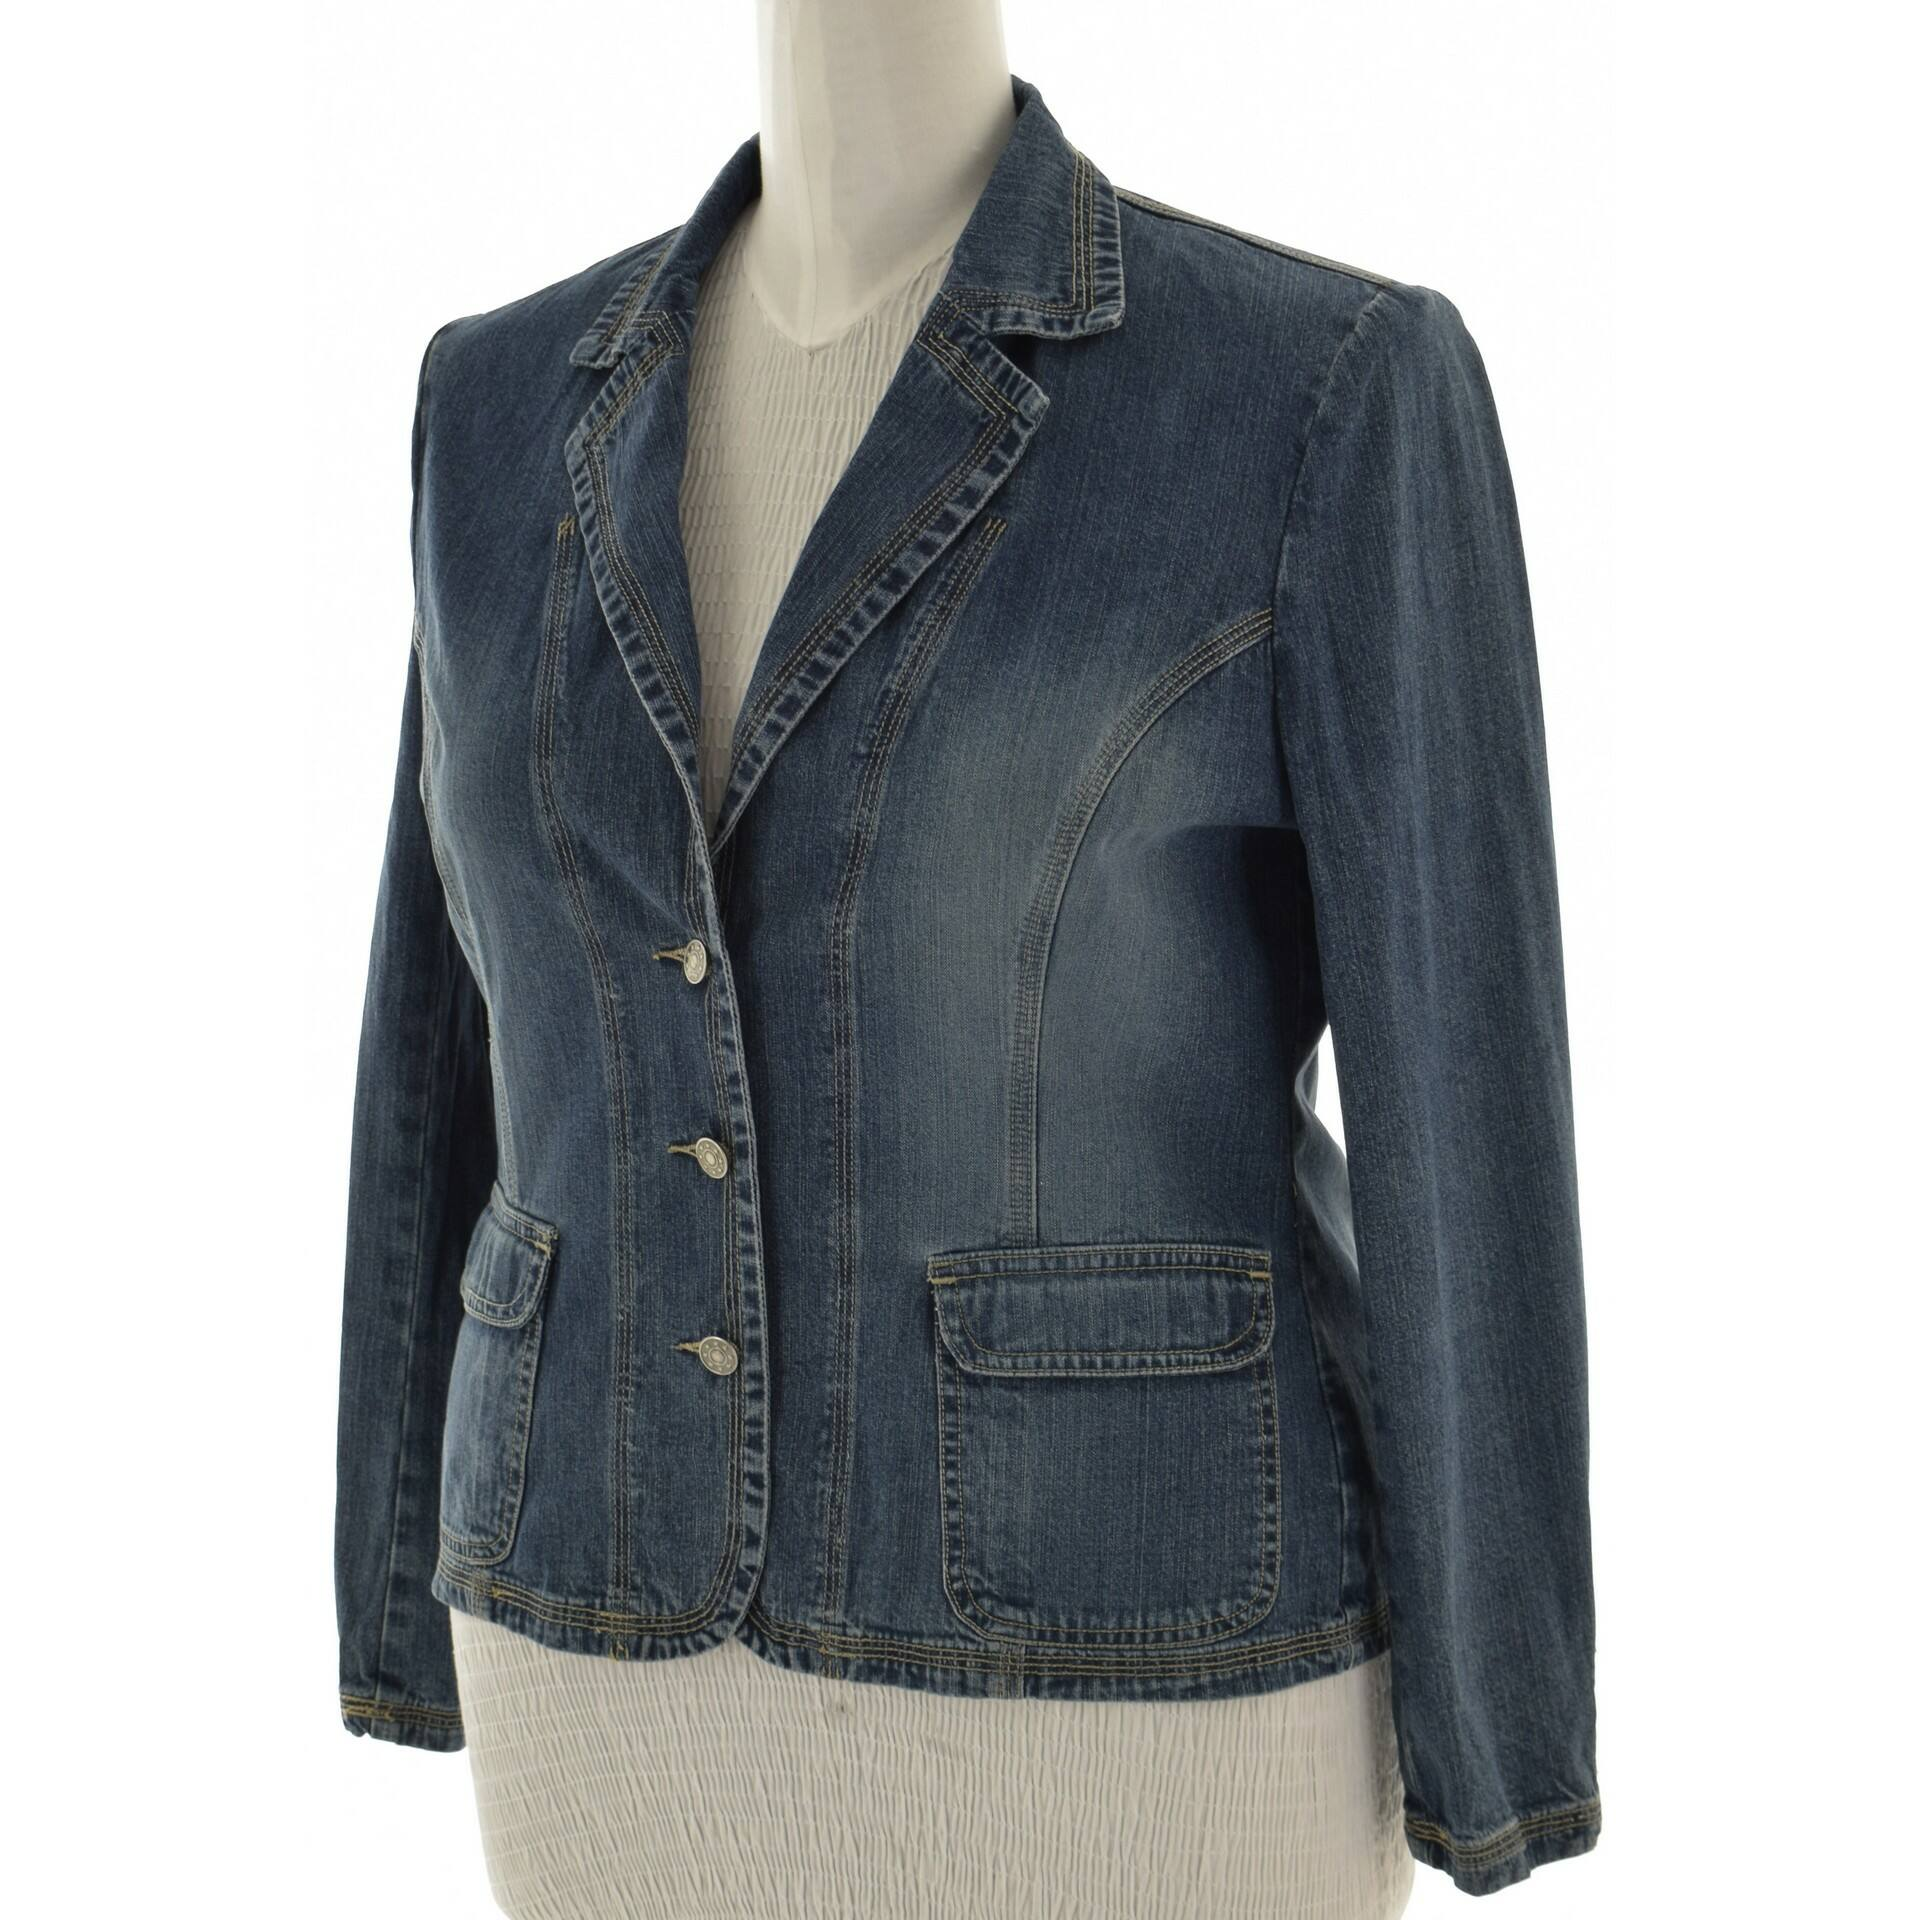 3aa2fd23ba MISS ETAM kék színű farmer kabát (Méret: L) - Női dzseki, kabát ...